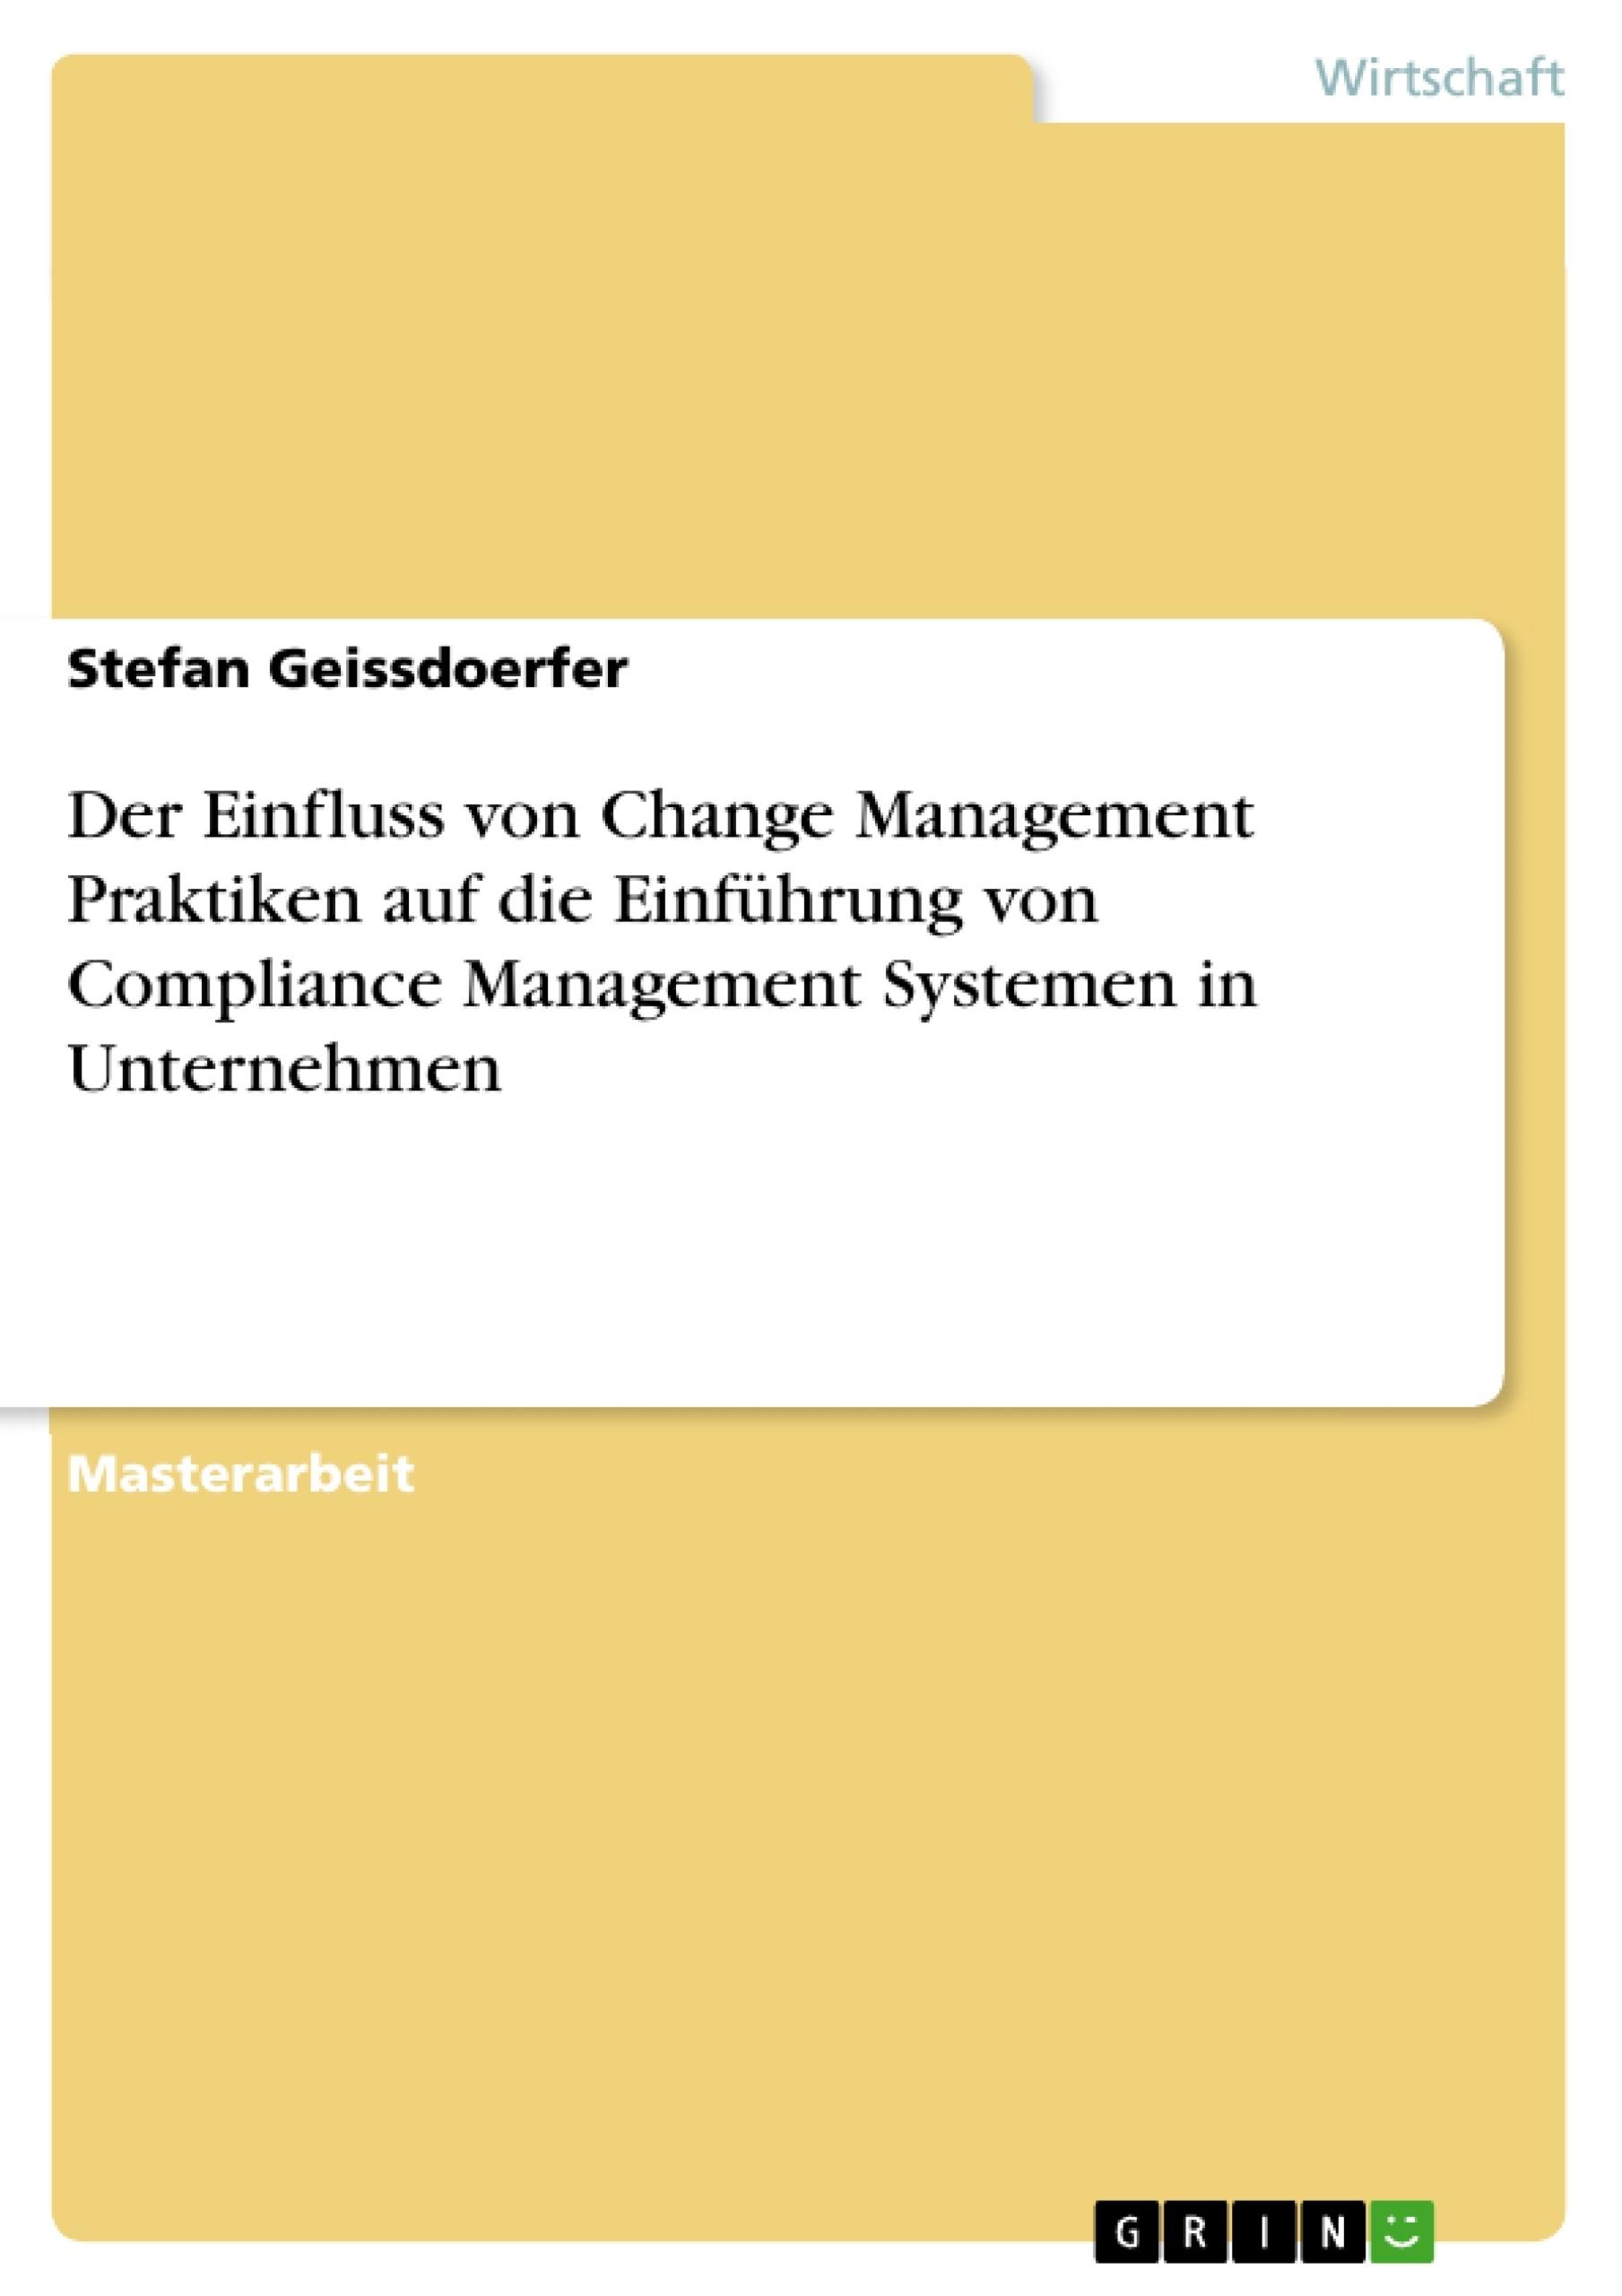 Titel: Der Einfluss von Change Management Praktiken auf die Einführung von Compliance Management Systemen in Unternehmen